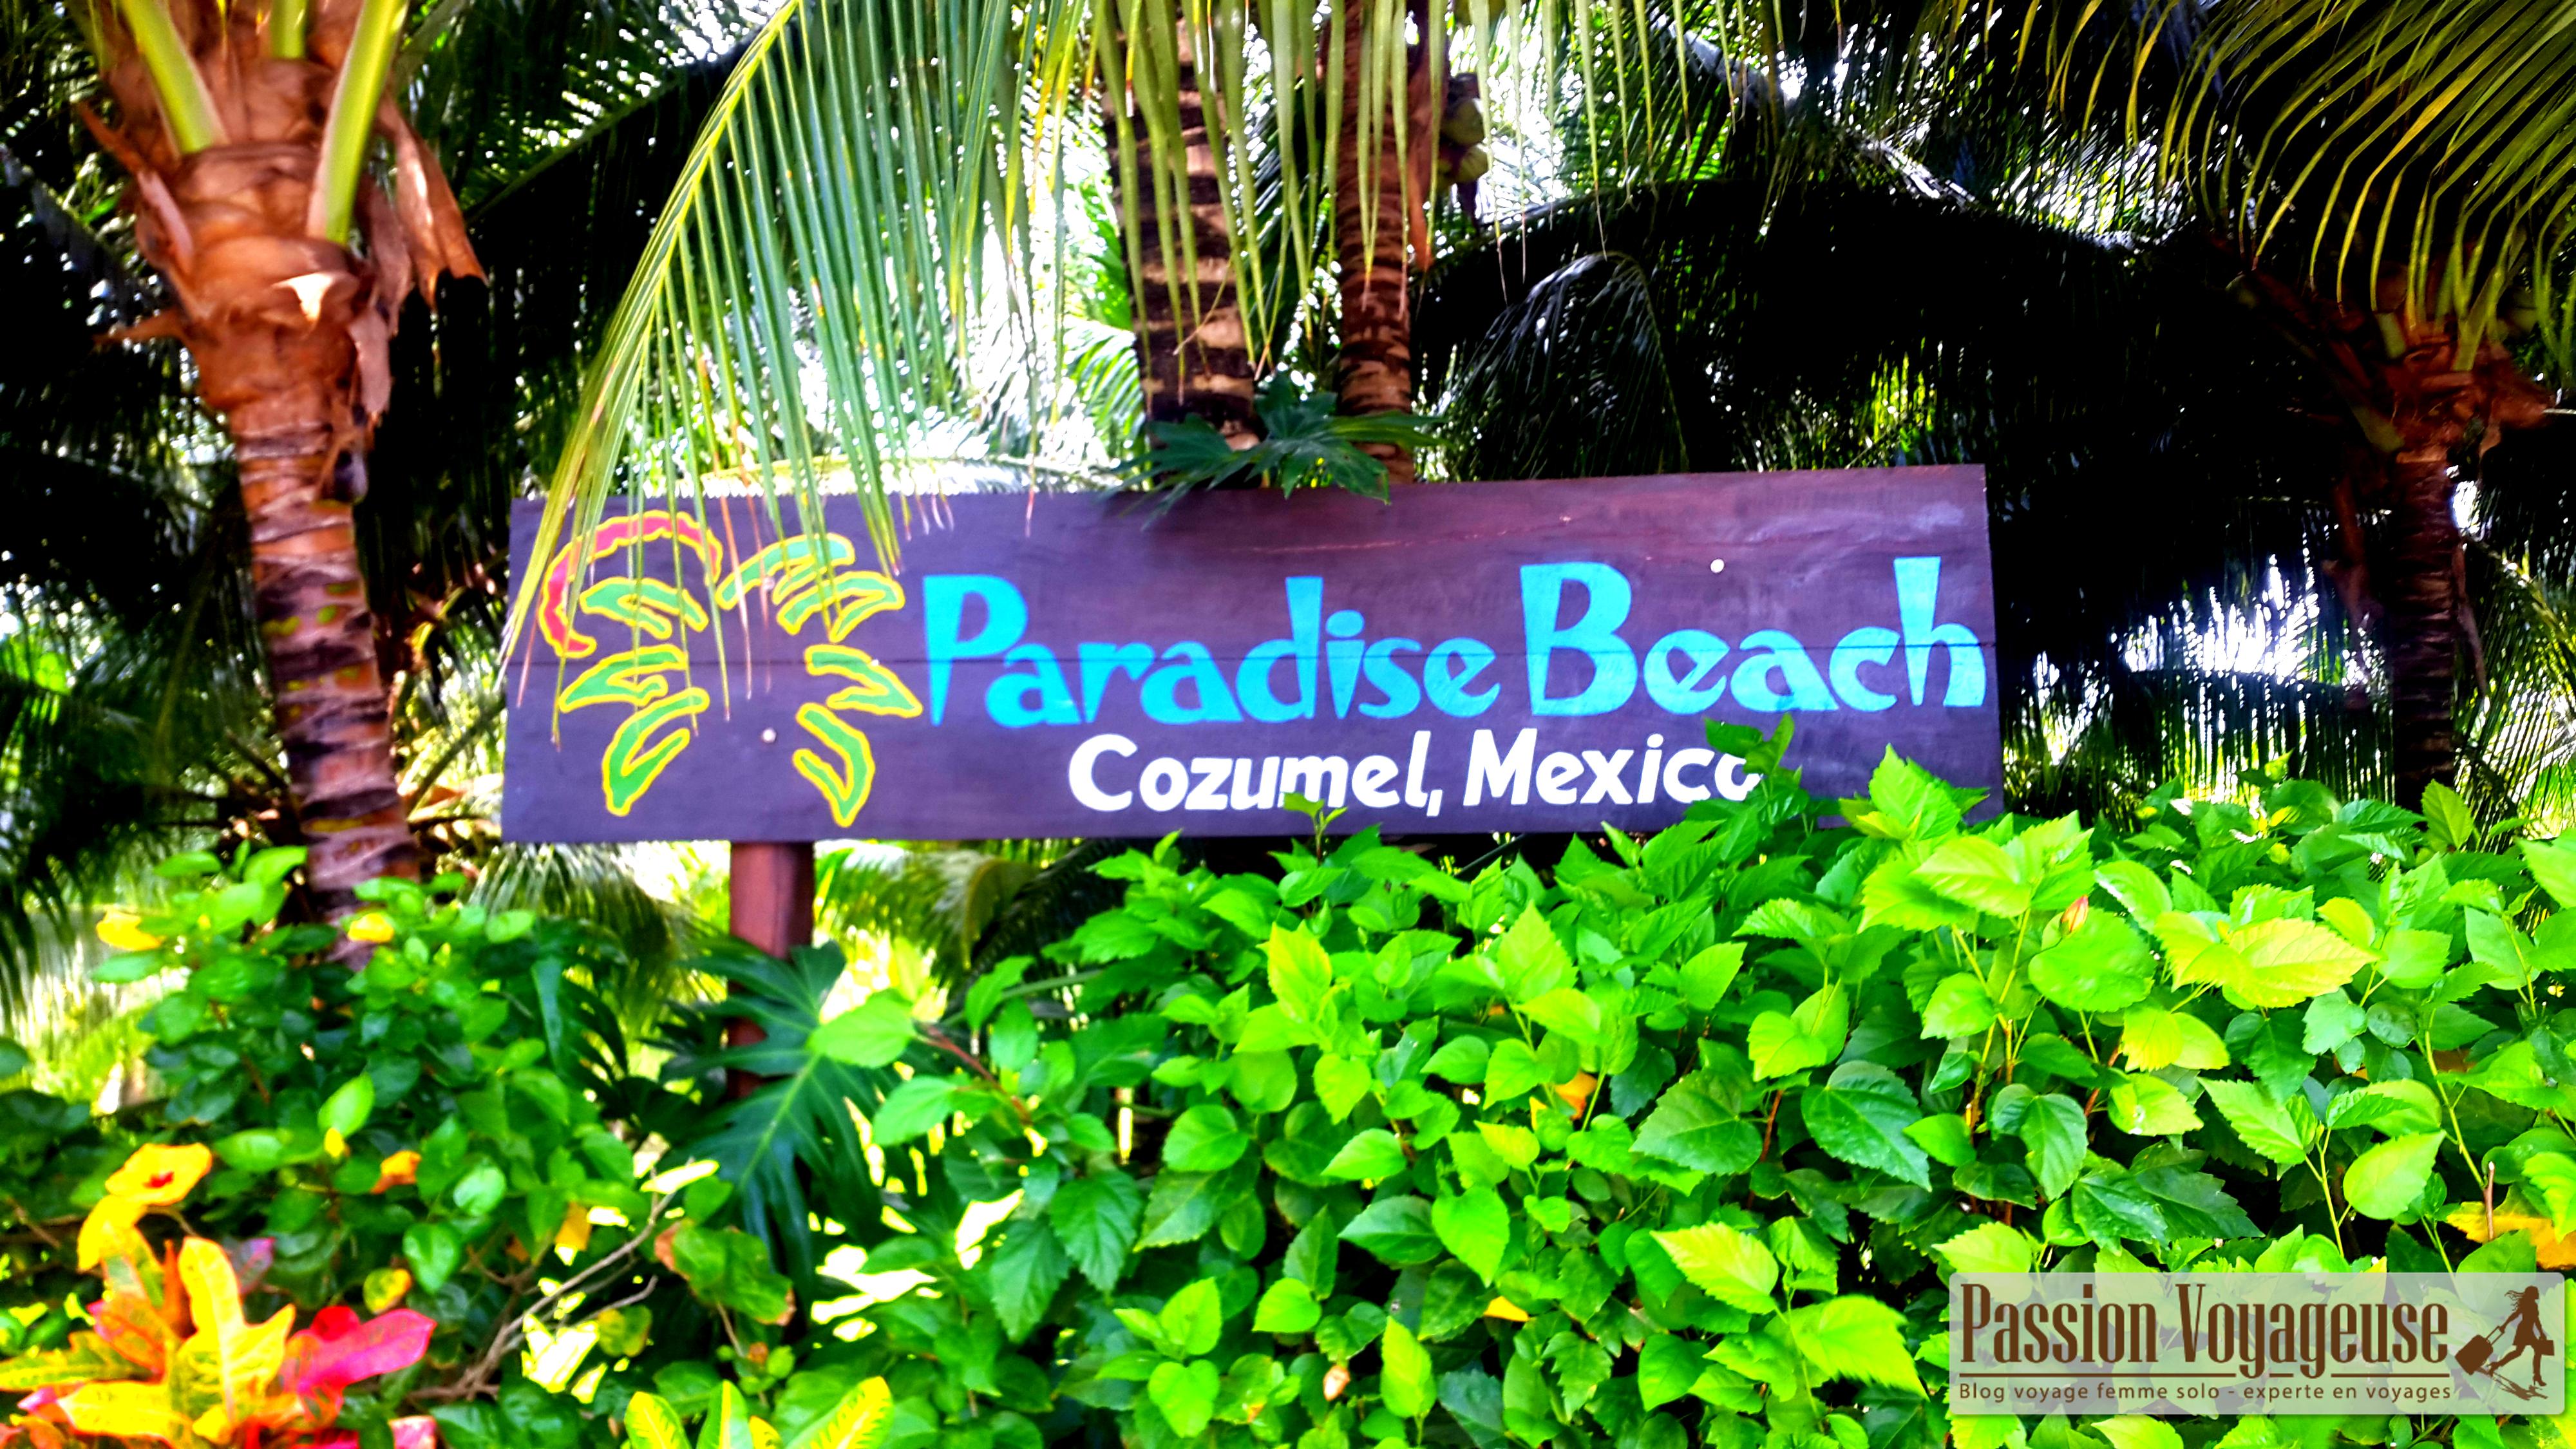 Cozumel plages hotel mexique paradise beach